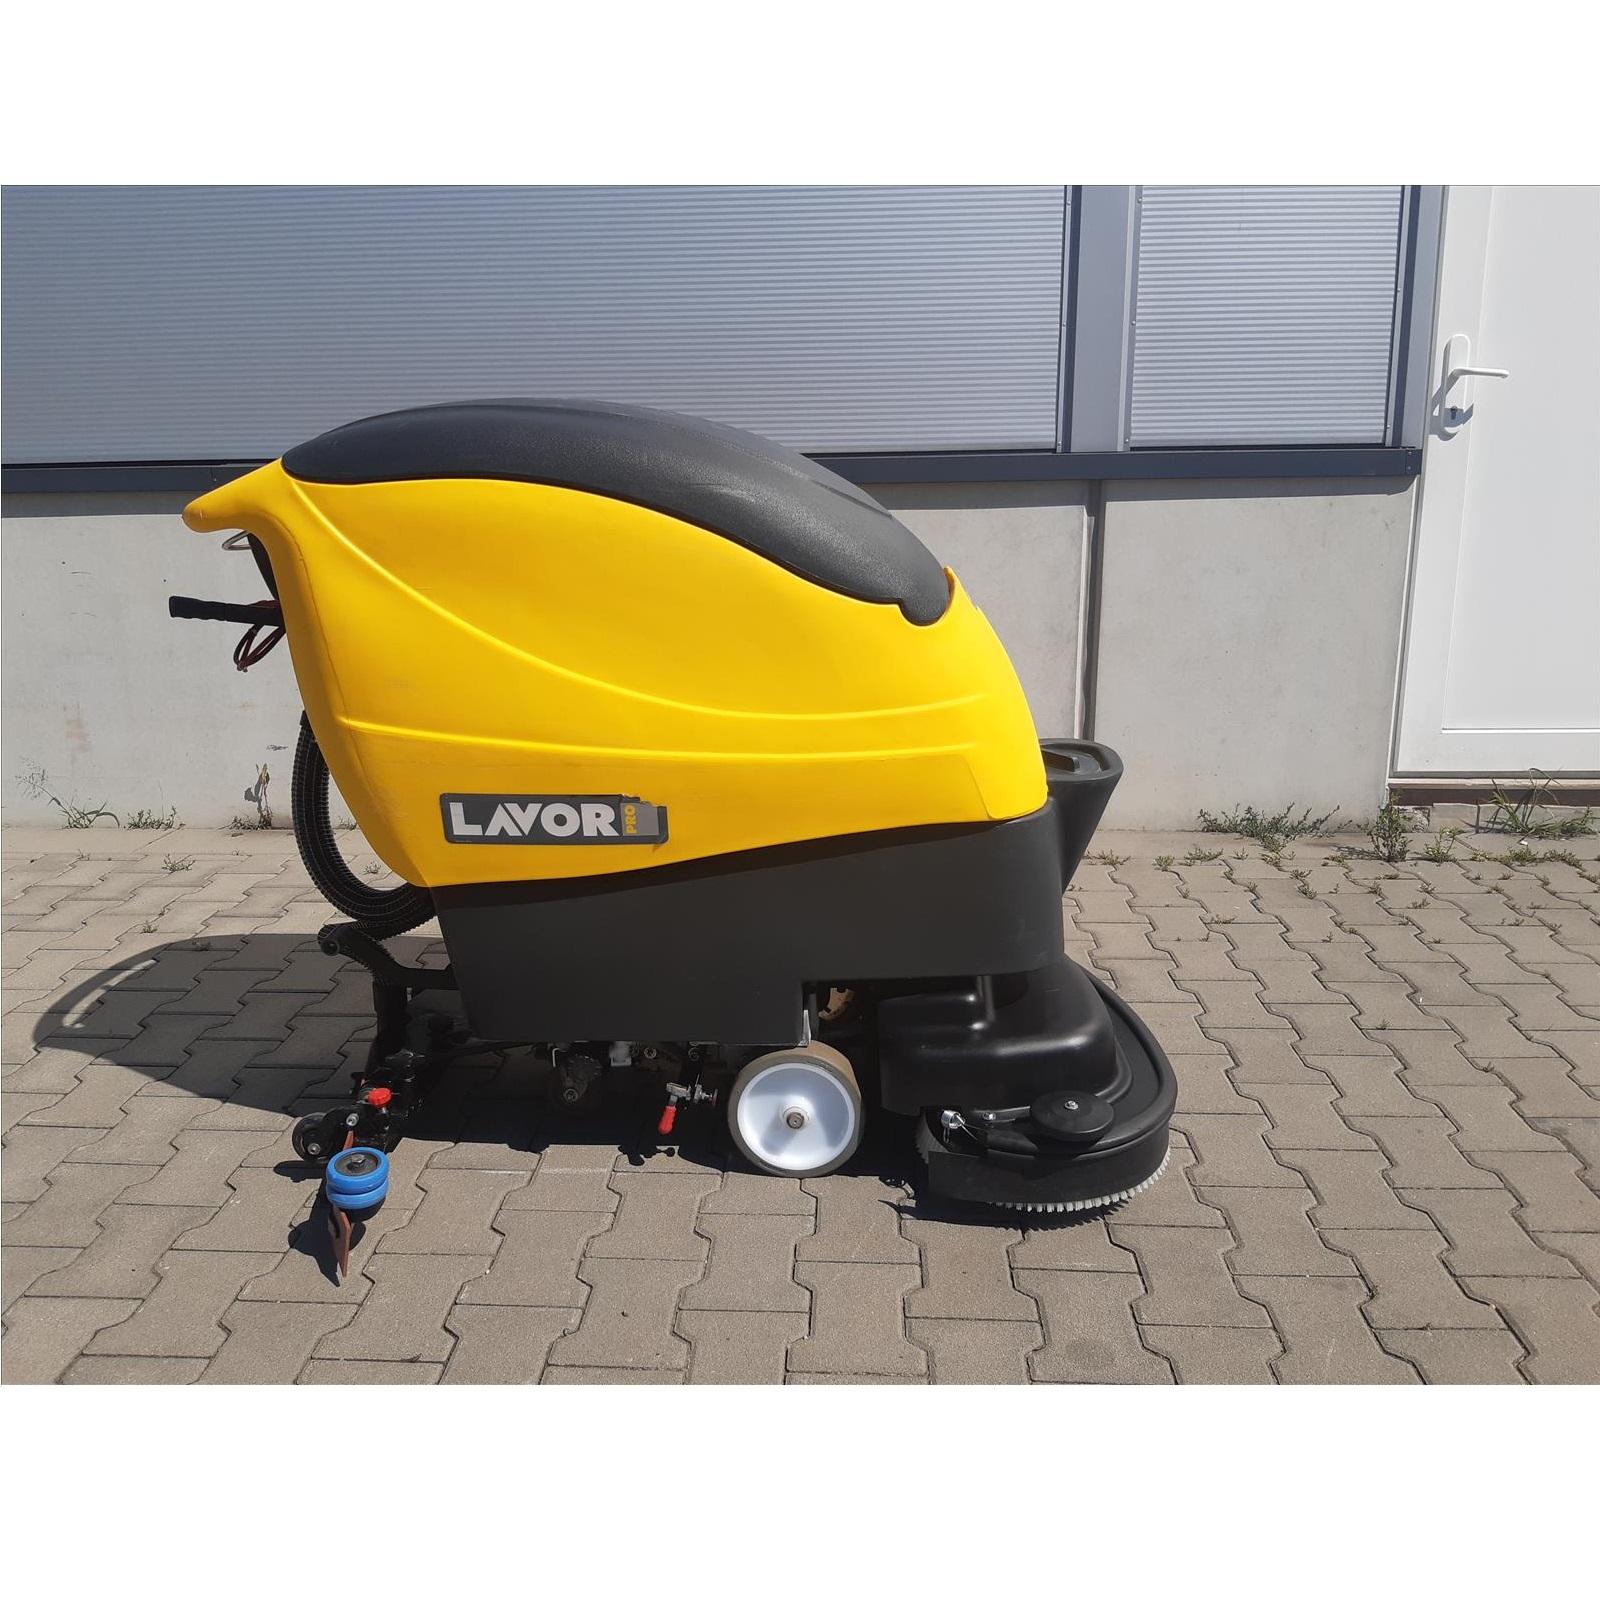 Repasovaný podlahový mycí stroj M-SCL 66BT včetně záruky